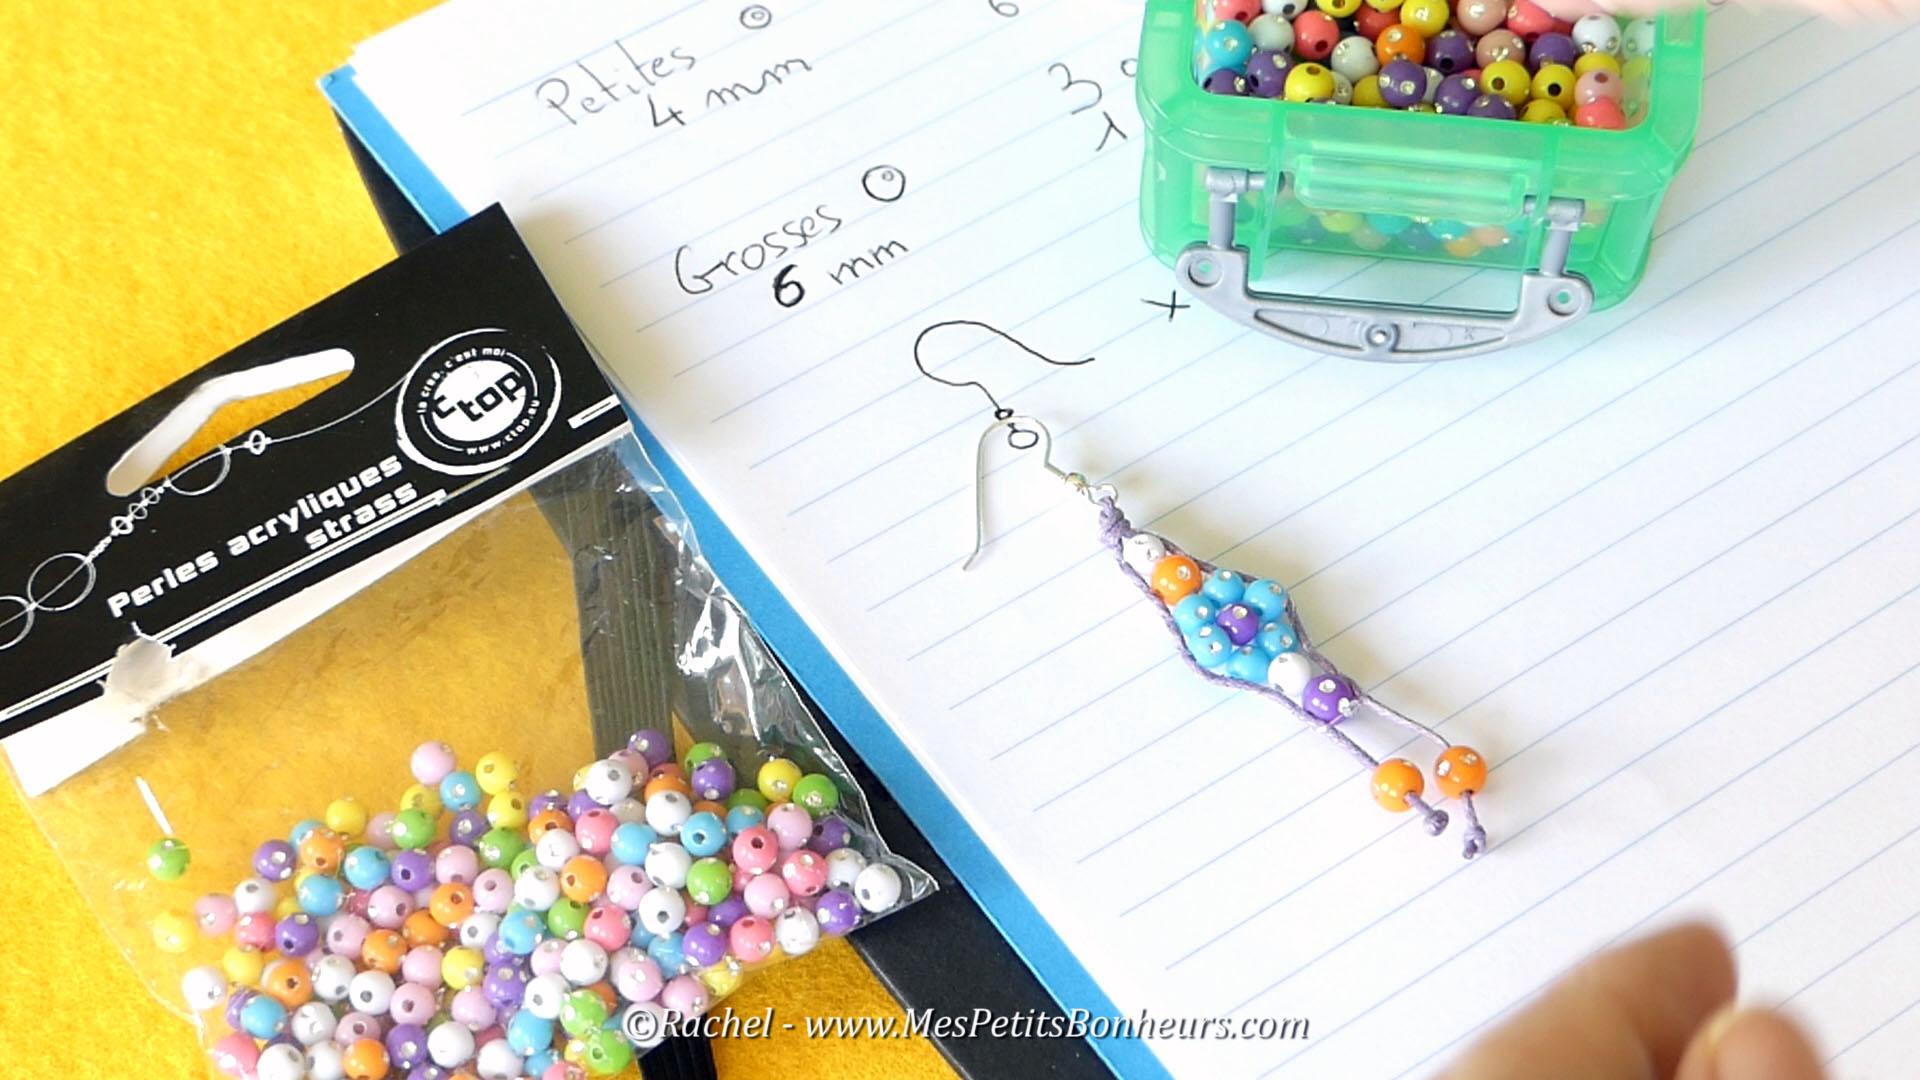 Tuto vid o boucles d 39 oreilles fleurs en perles avec le wrapit loom - Tuto boucle d oreille perle ...